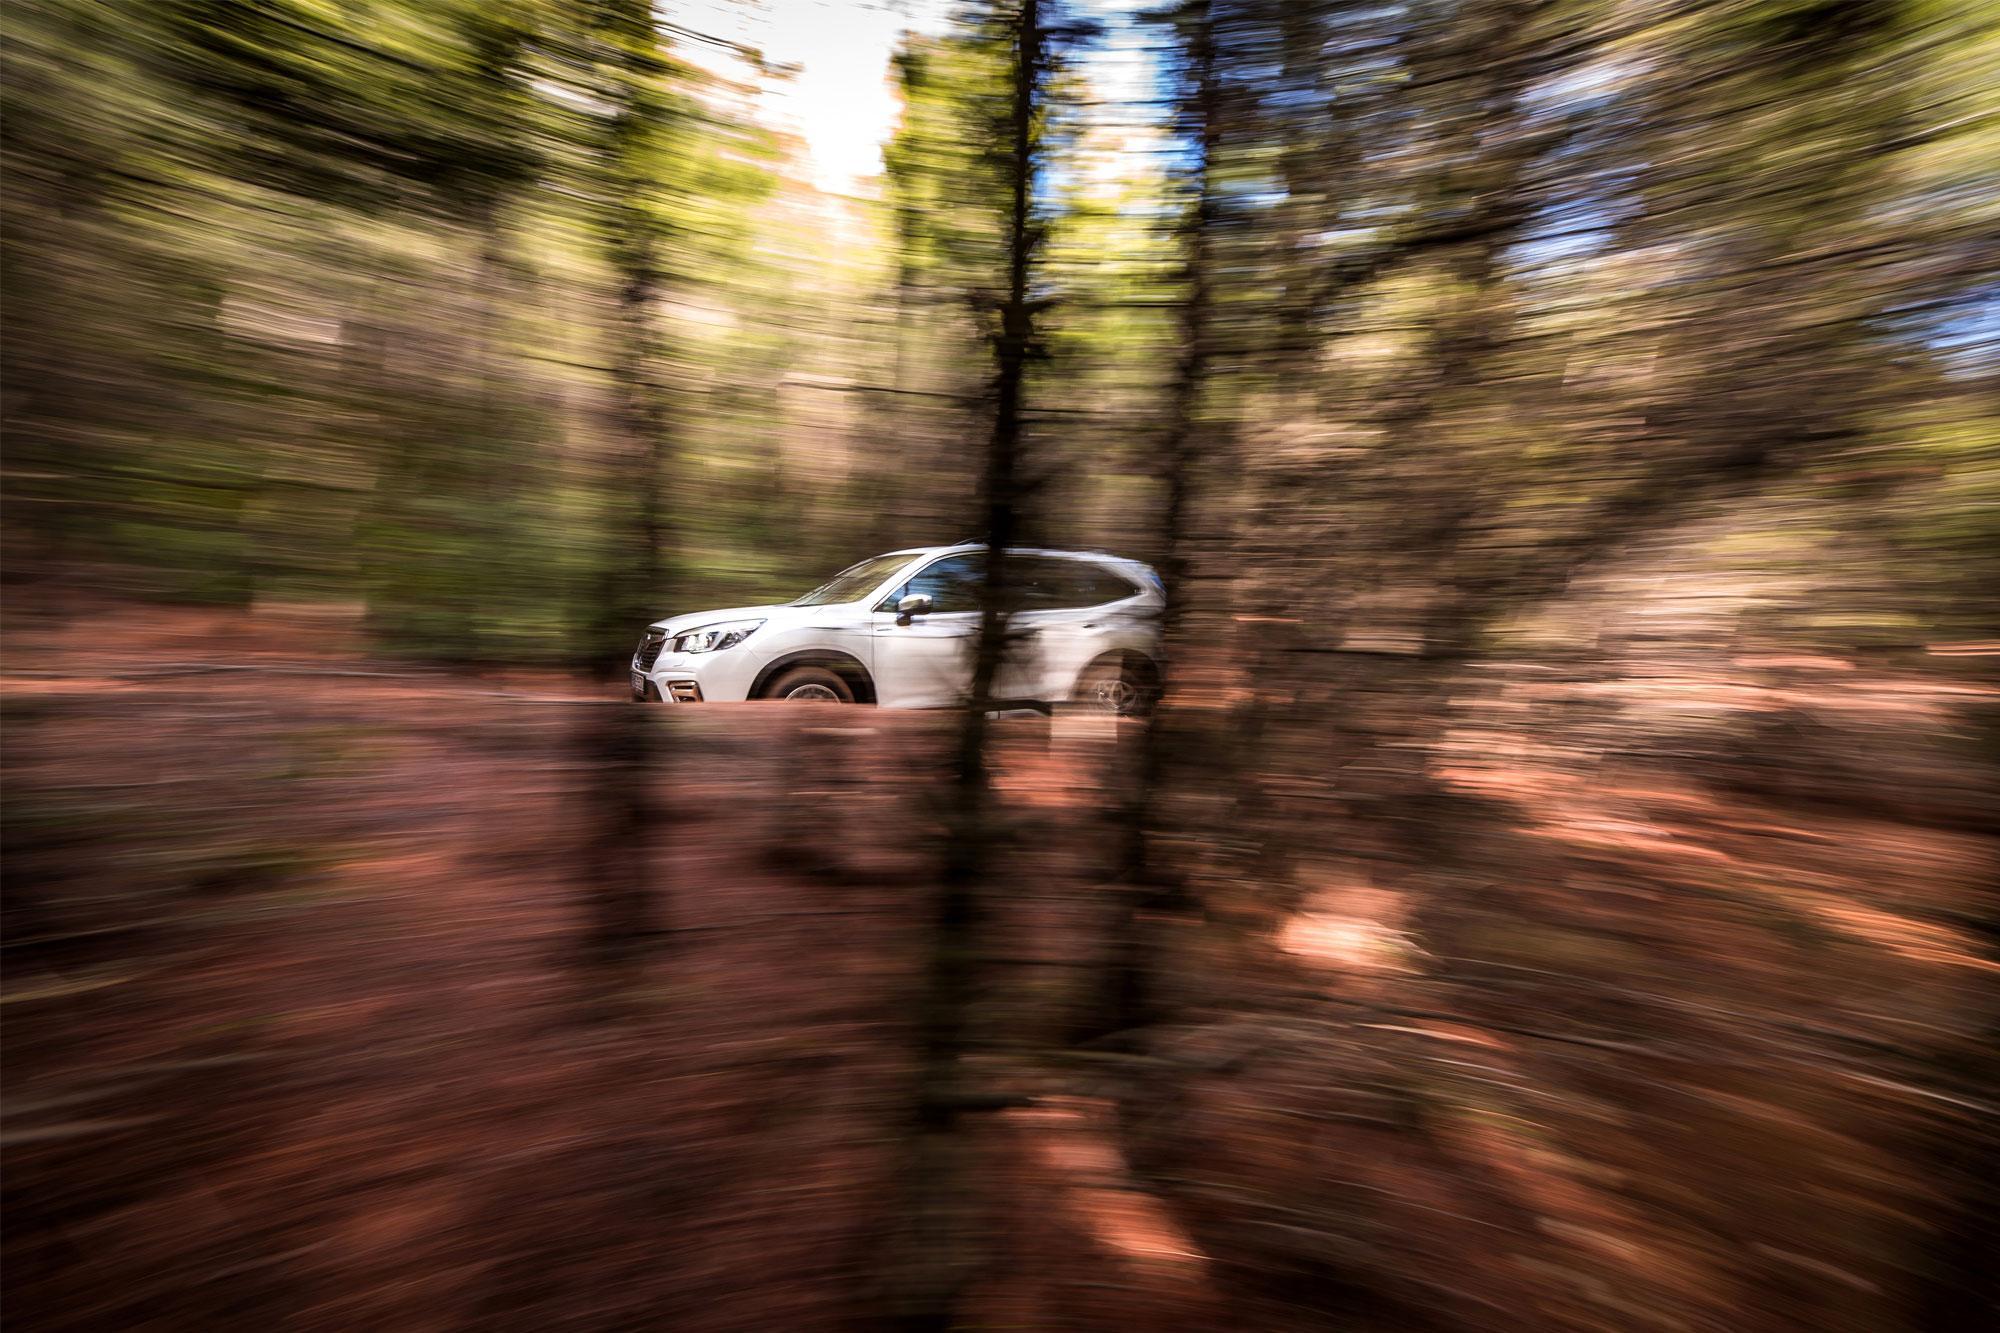 Θα παραμείνει στην Ευρώπη η Subaru